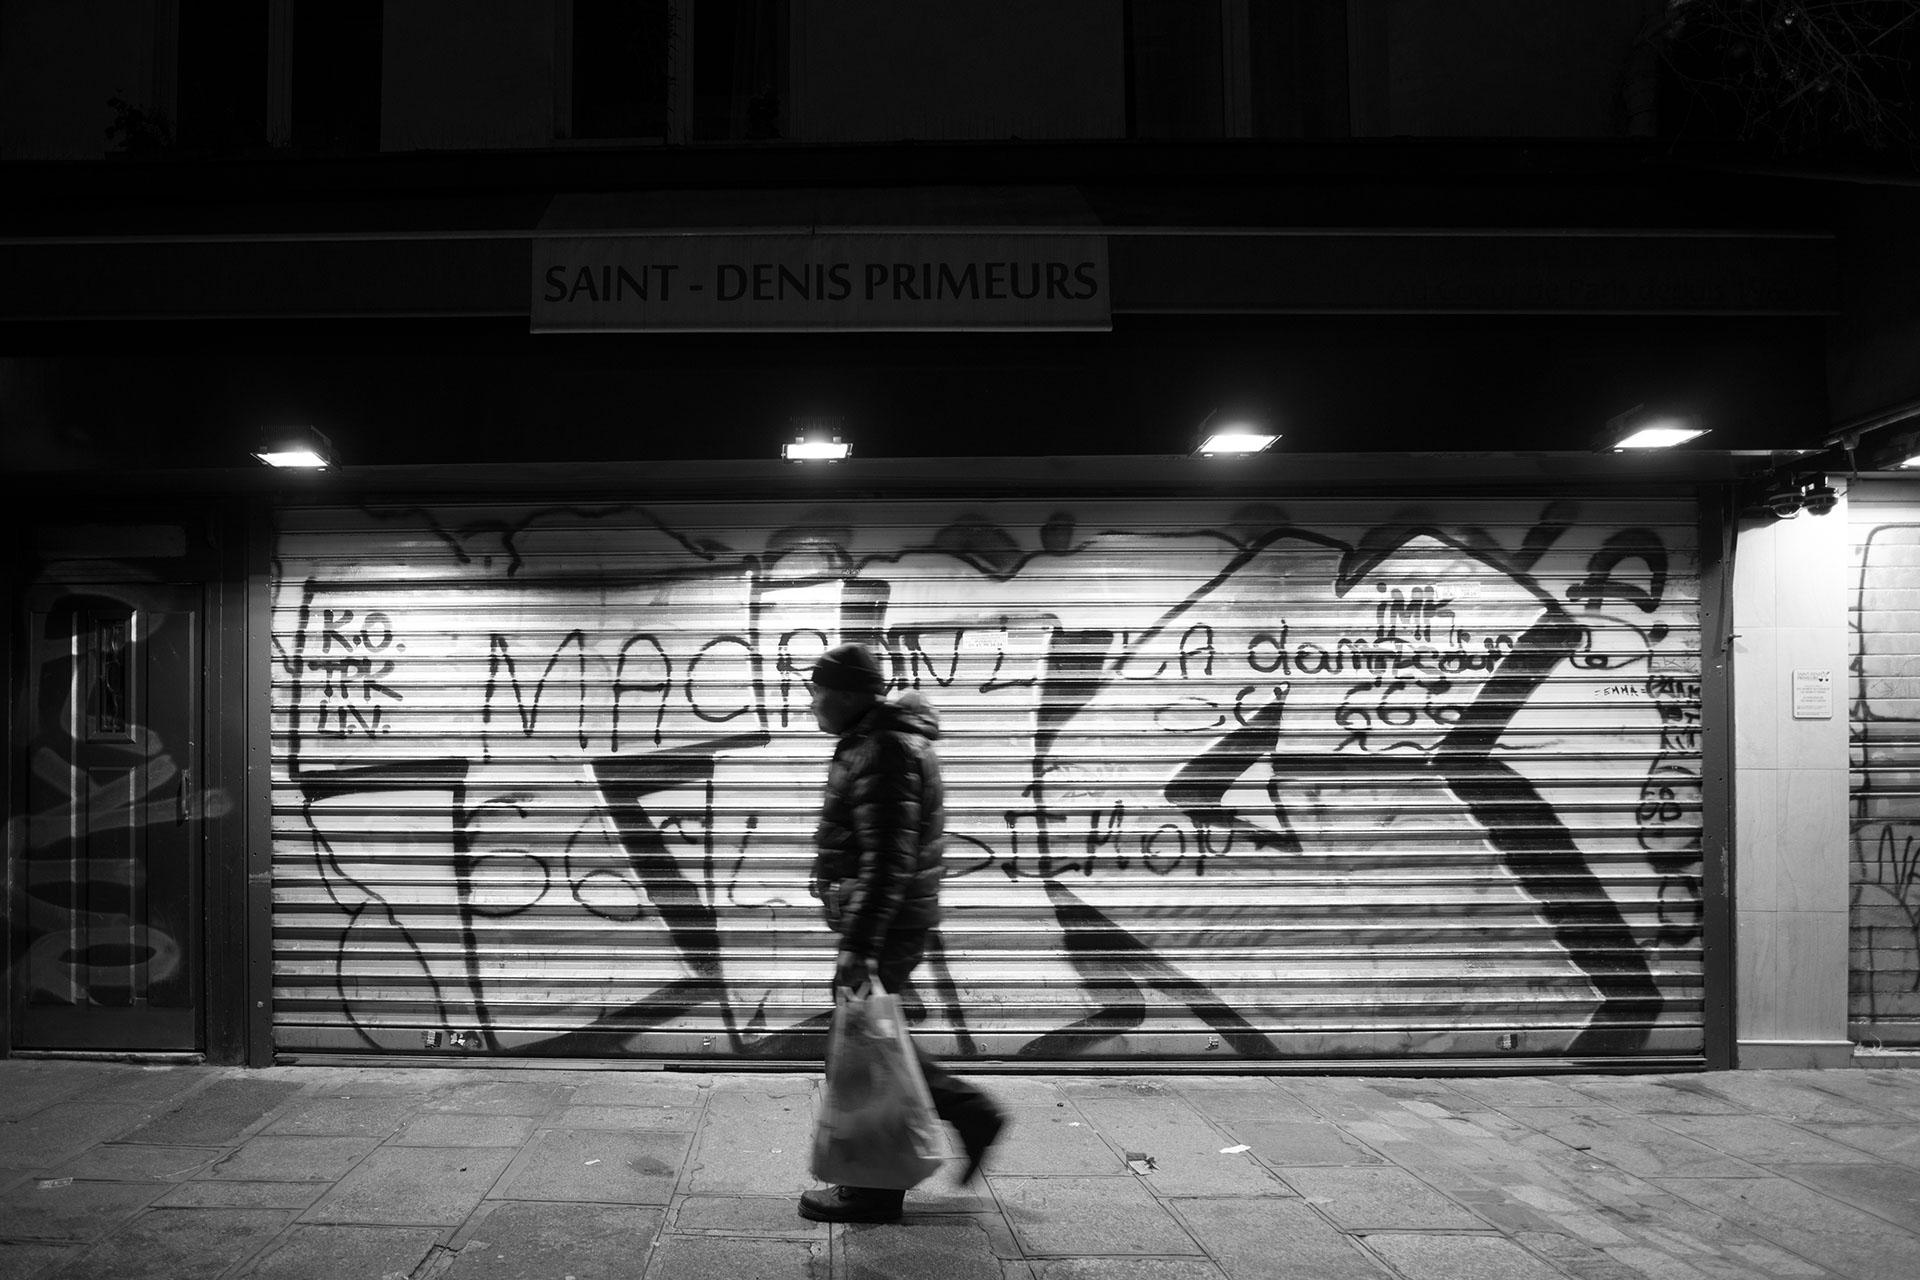 Rue du Faubourg Saint-Denis, Paris  ©martin_schitto @fotomartsch